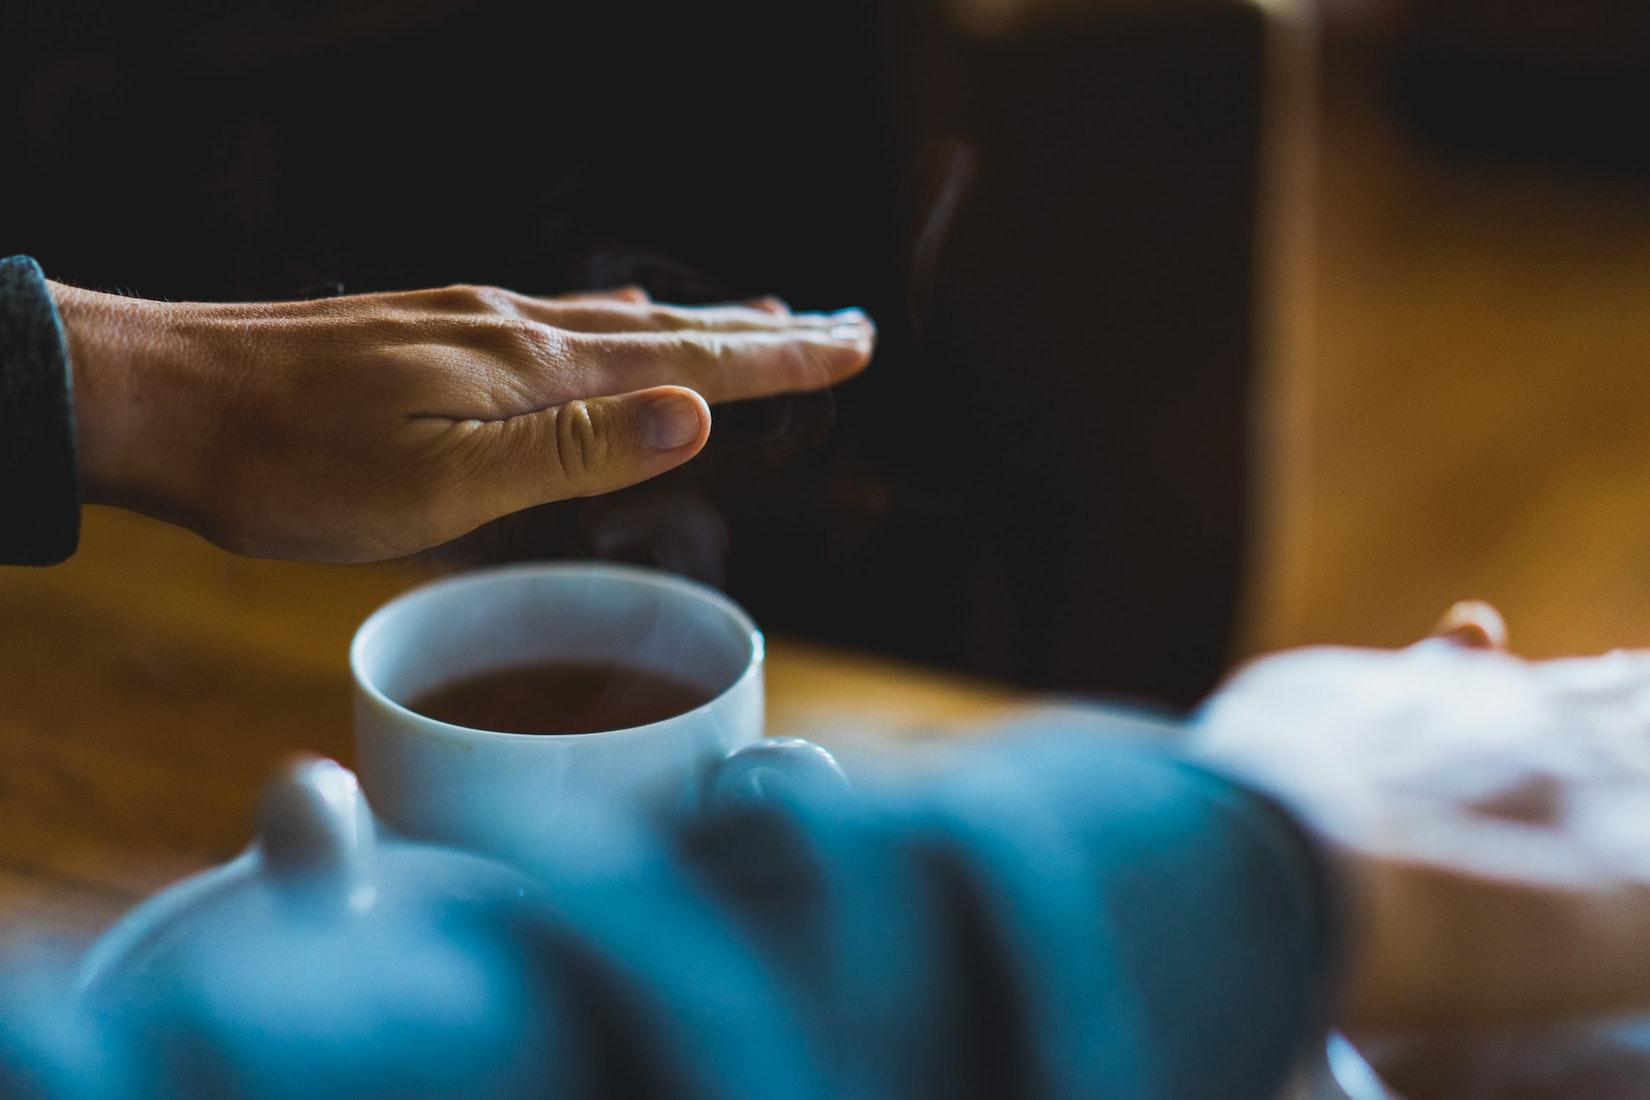 Keeping warm from hot tea